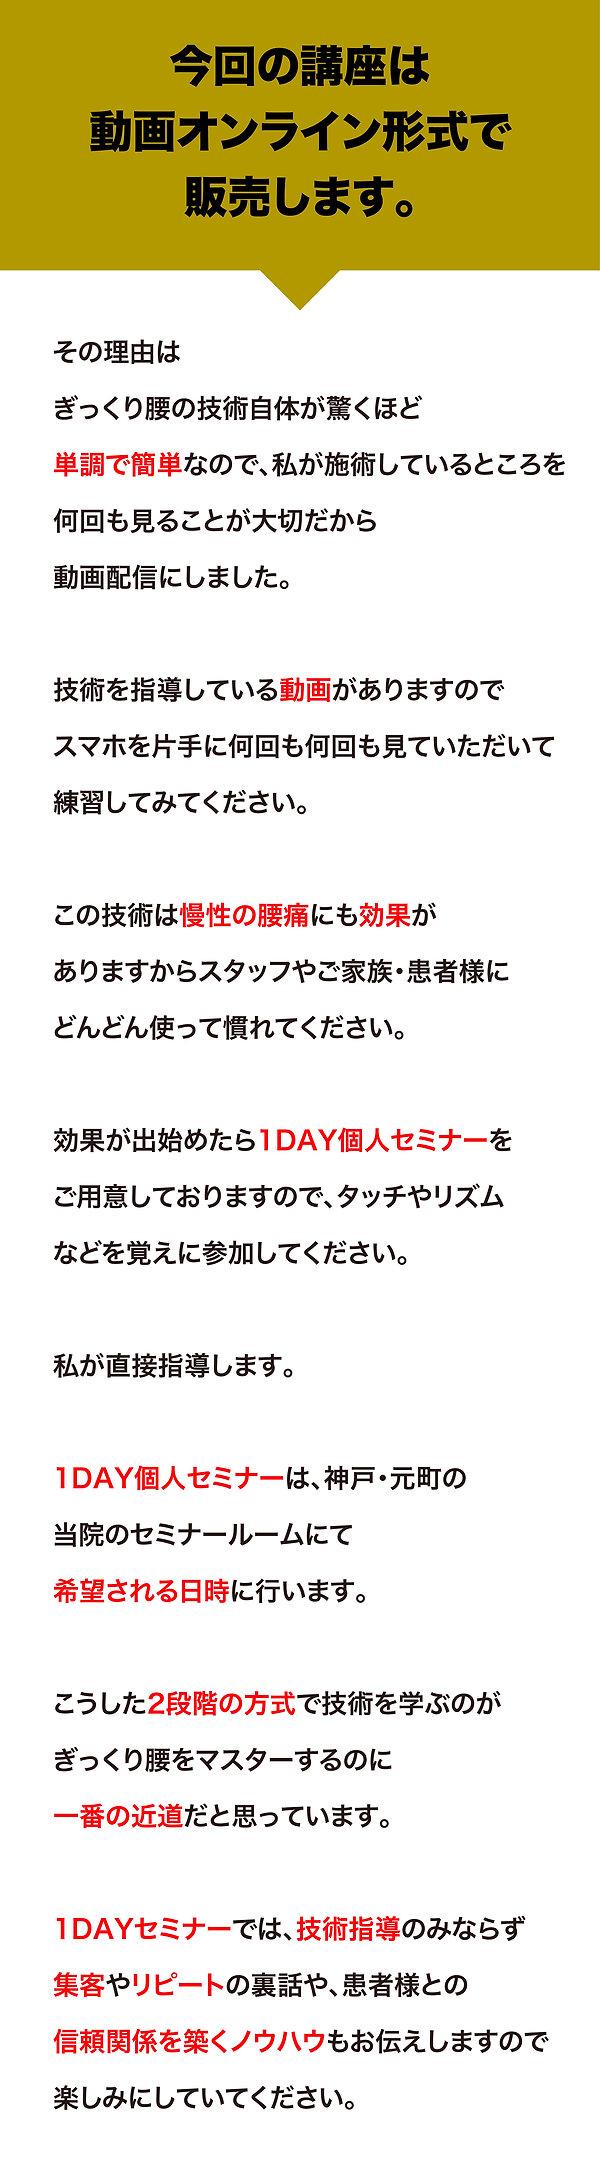 ぎっくり腰セミナー_メインページ_210107-18.jpg